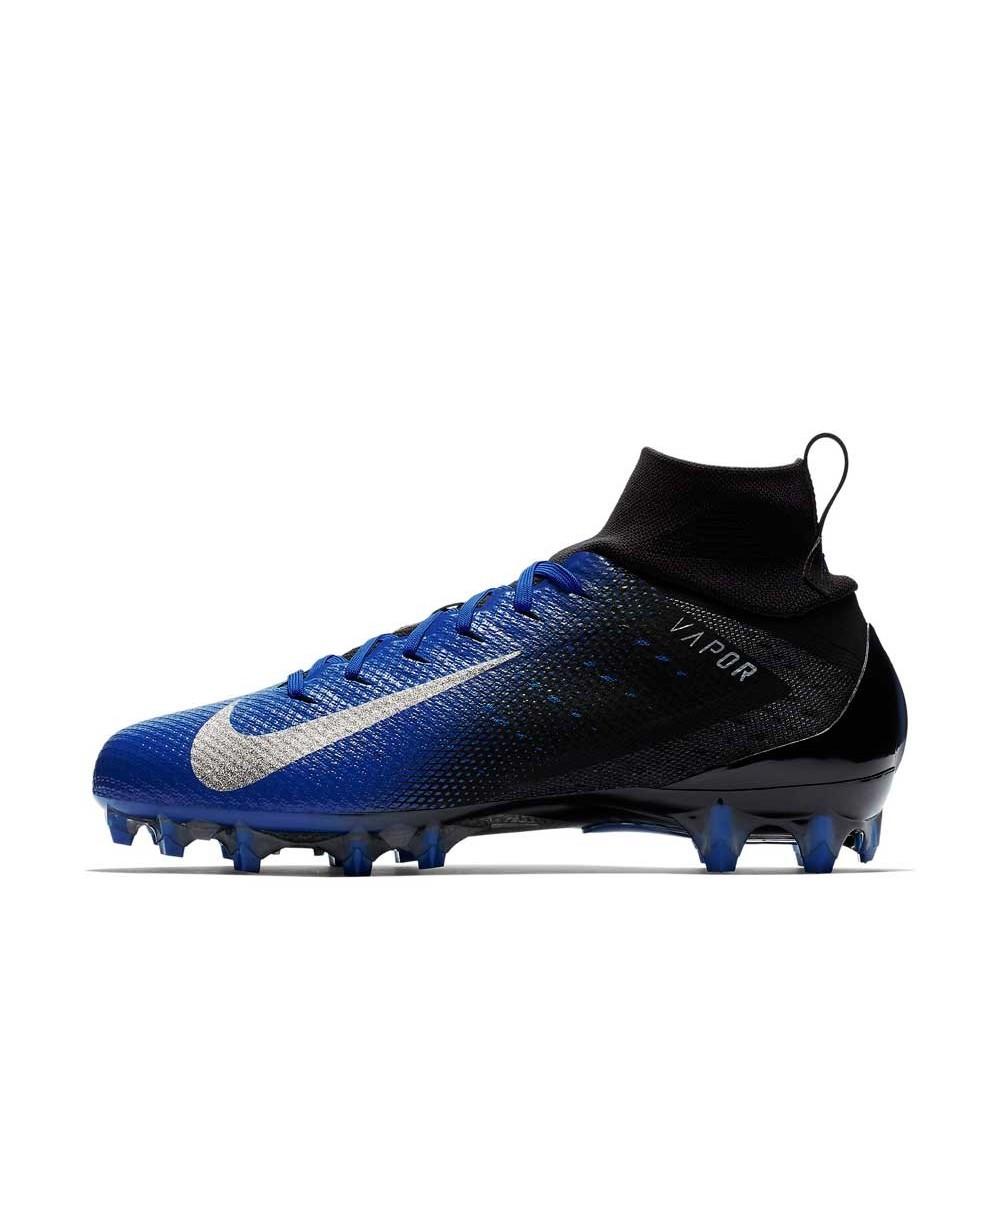 Nike Vapor Untouchable 3 Pro Zapatos de Fútbol Americano para Hombr... 1522140ca6123